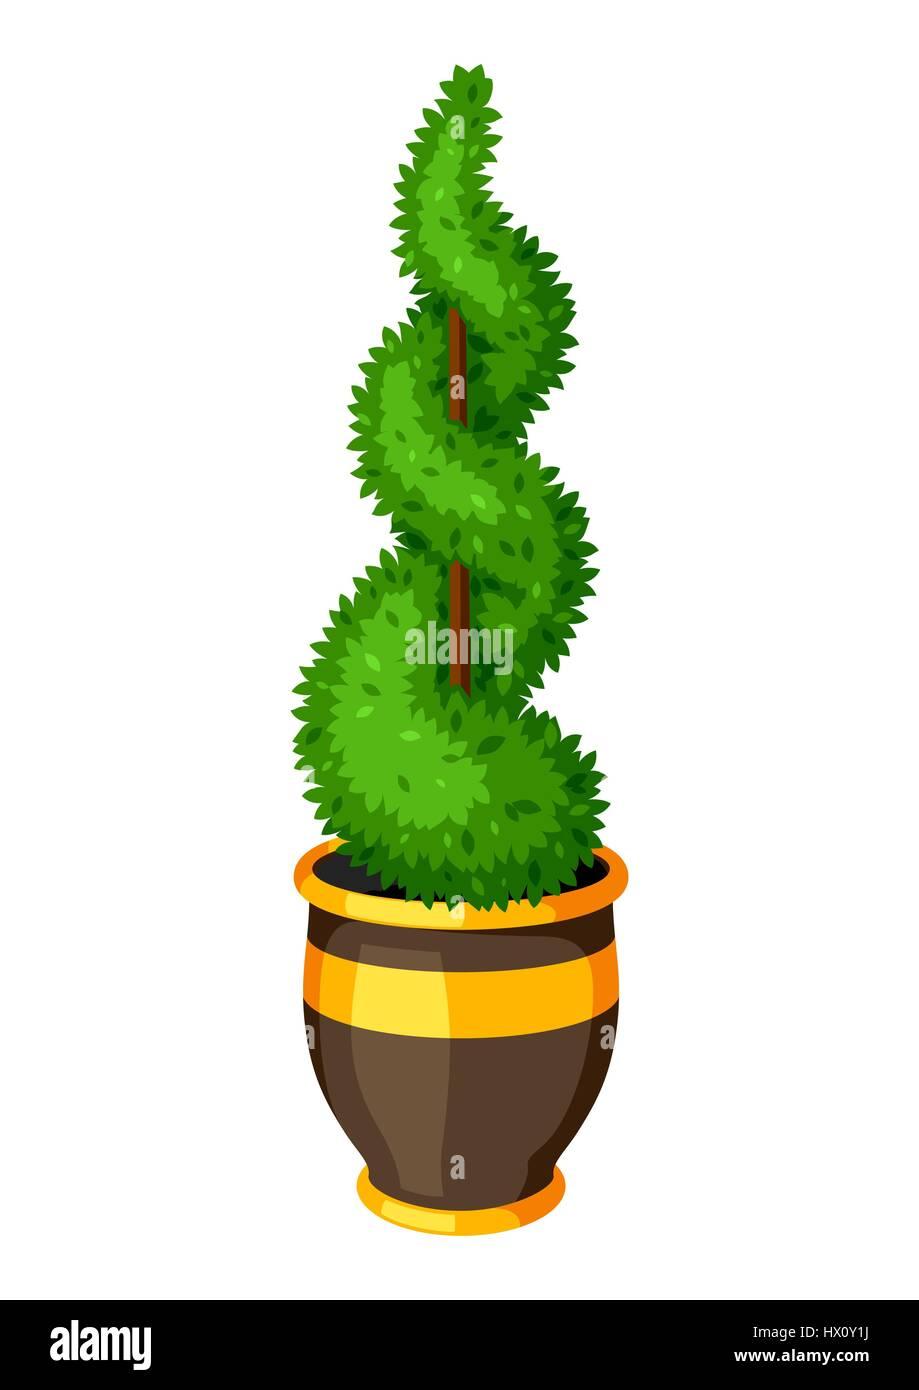 plante de jardin topiaire de buis. arbre décoratif en pot vecteurs